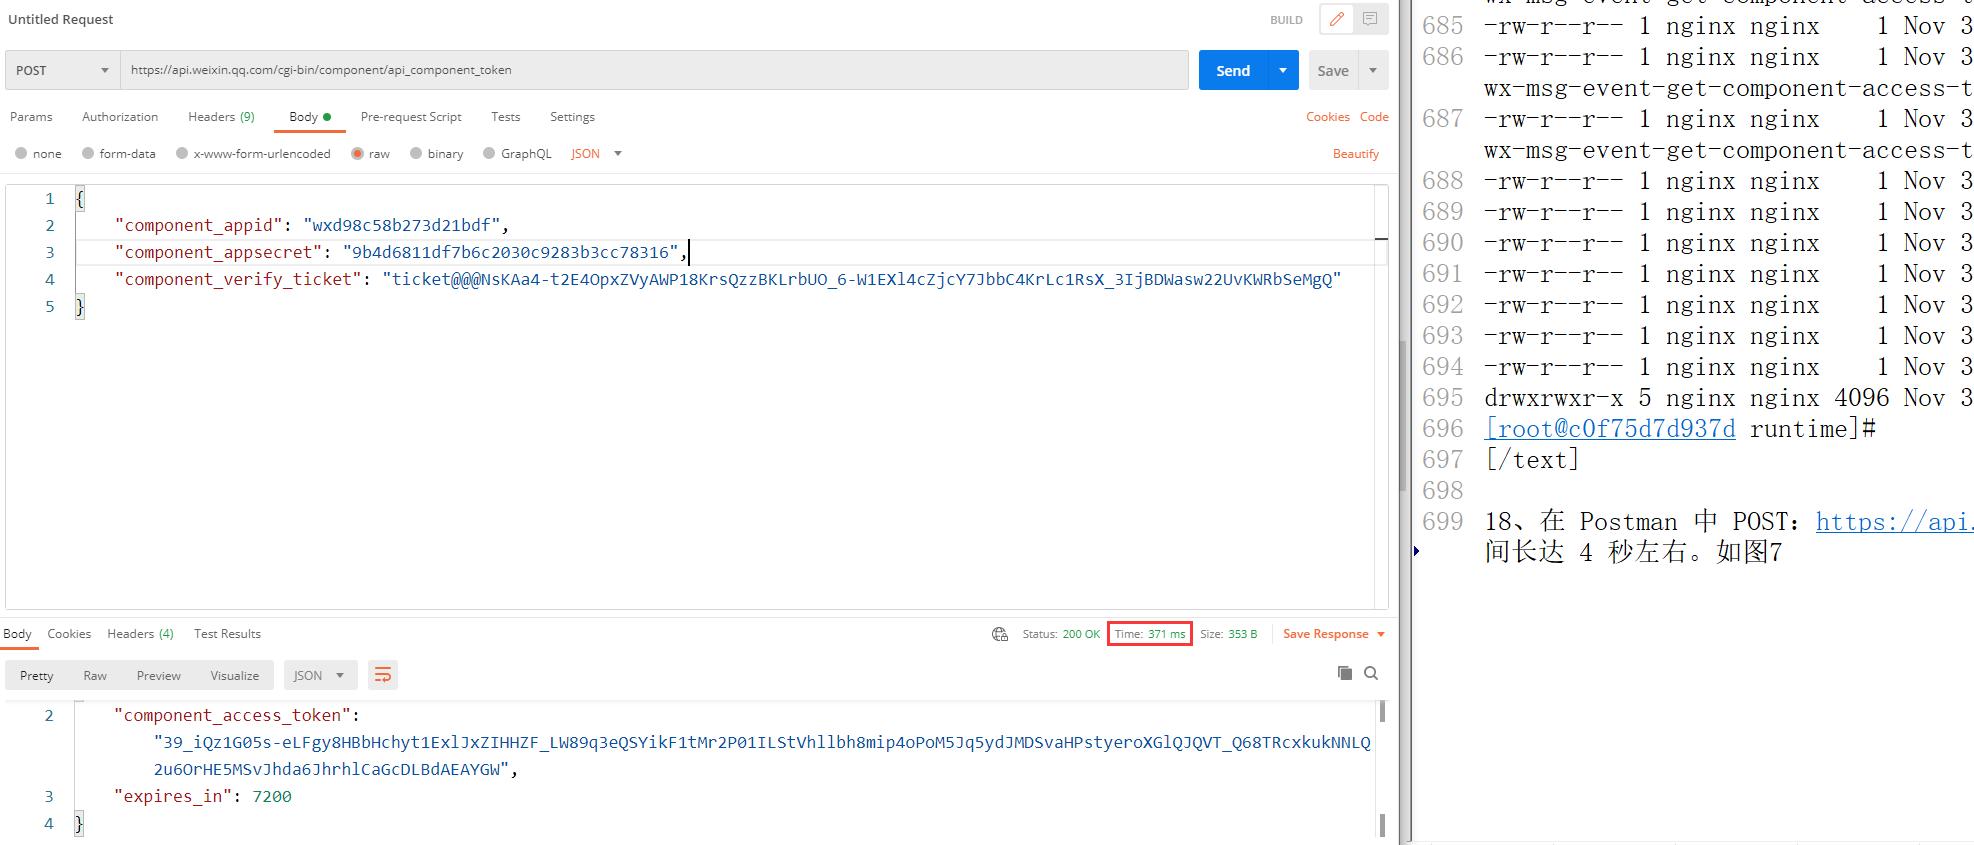 在 Postman 中 POST:https://api.weixin.qq.com/cgi-bin/component/api_component_token ,响应耗费时间:371 ms。而程序的请求耗费时间长达 40 毫秒左右。符合预期。